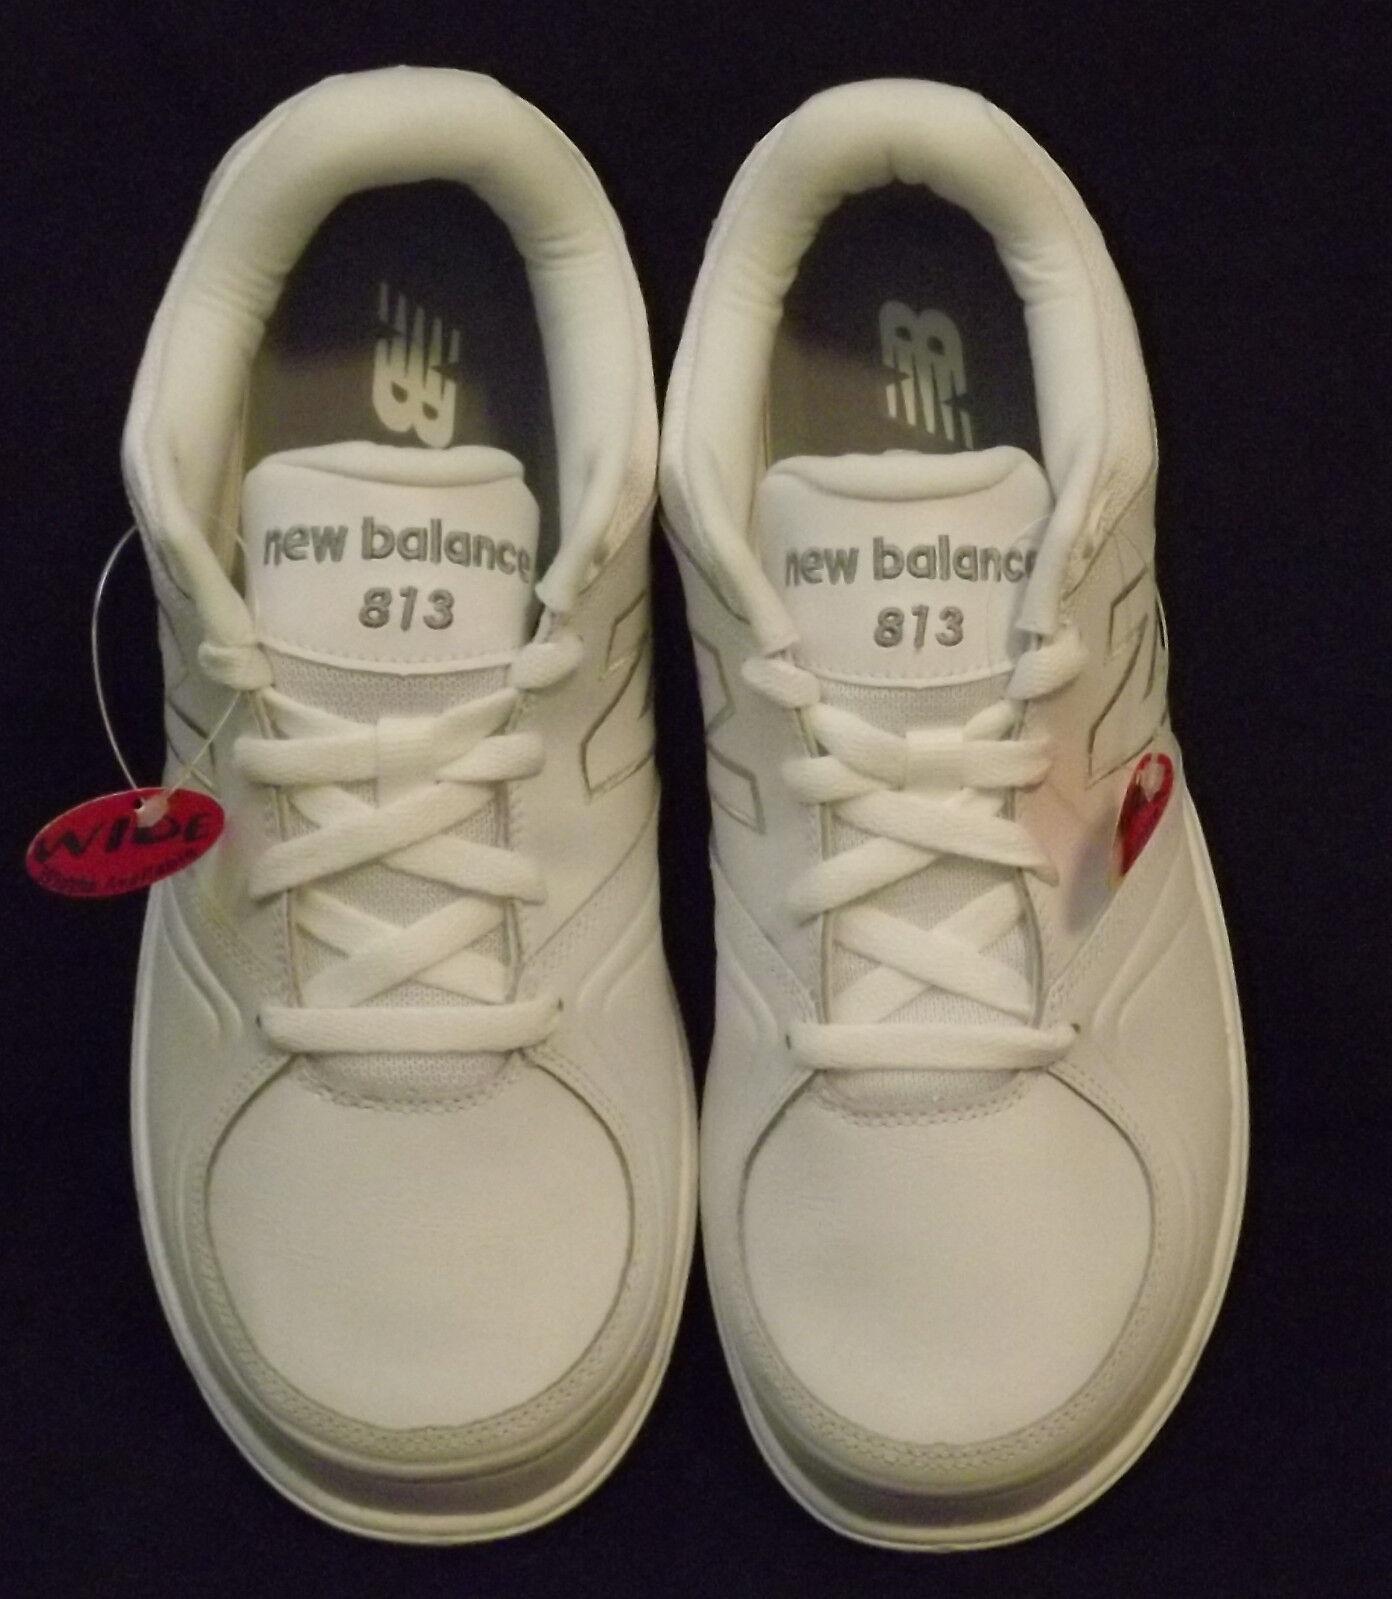 New Balance Balance Balance de mujer Zapatos para Caminar 813 blancoo Talla 11 2E Nuevo con etiquetas  grandes ofertas